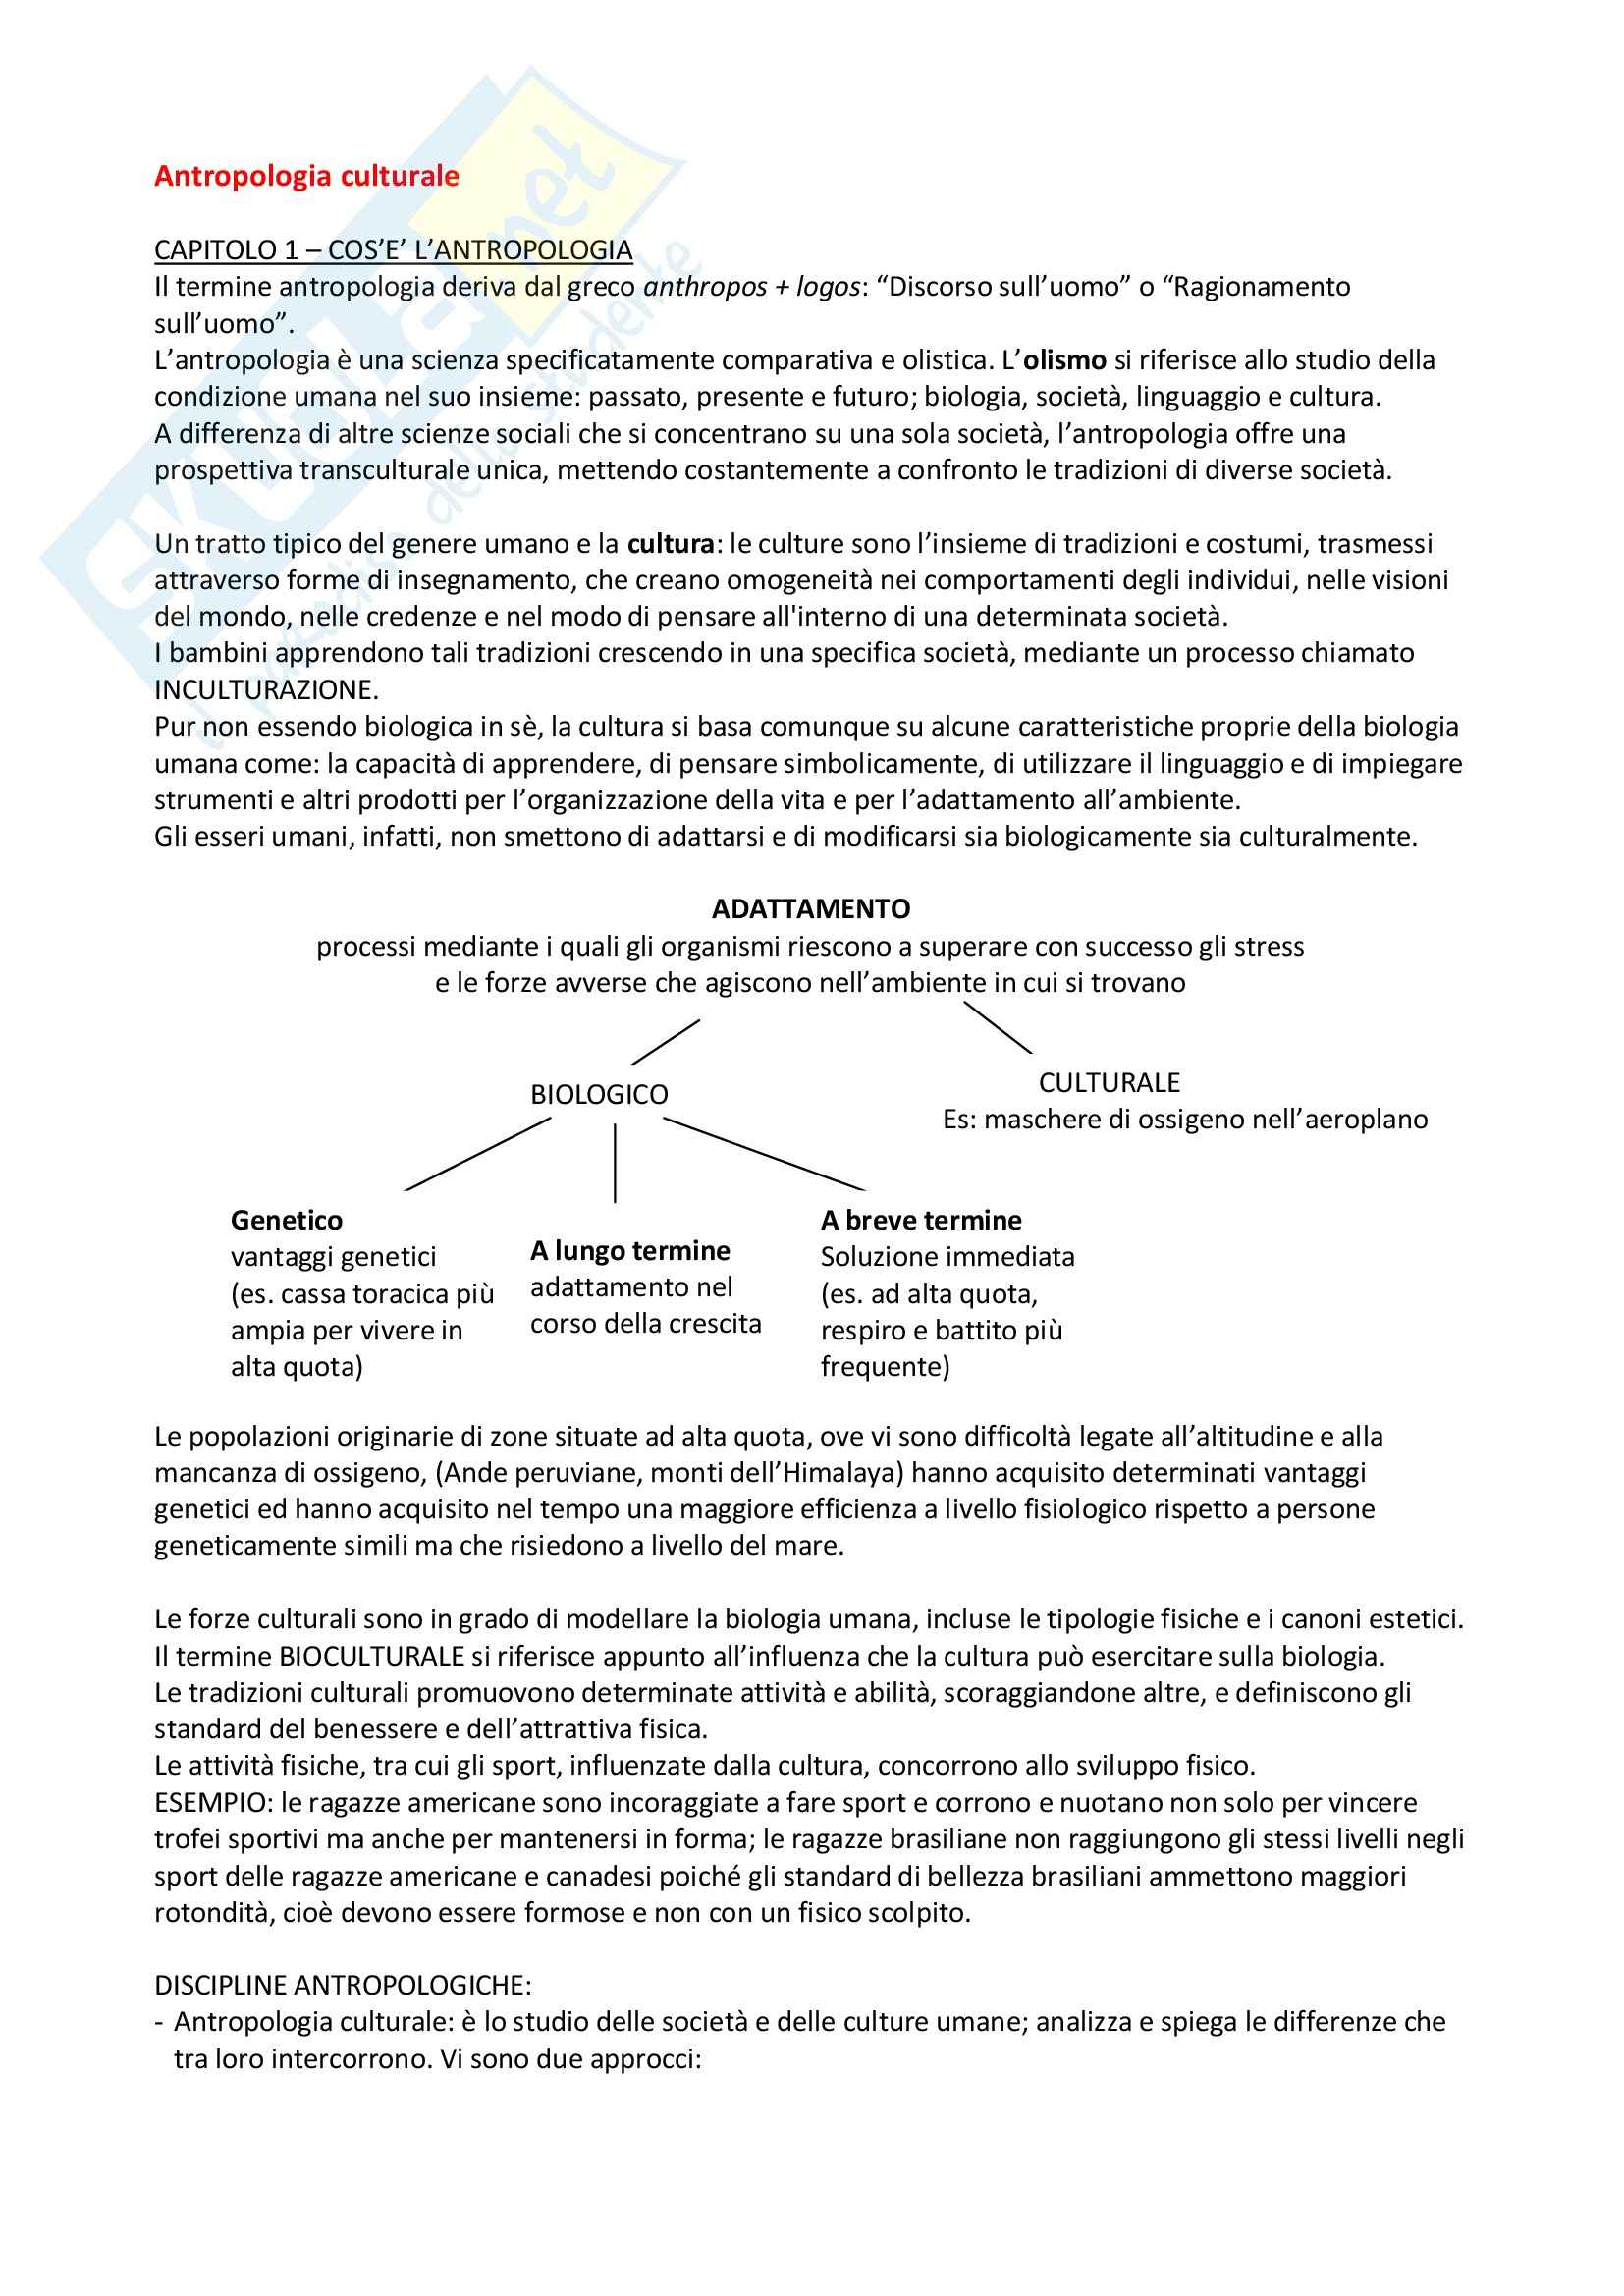 appunto D. Porporato Antropologia culturale